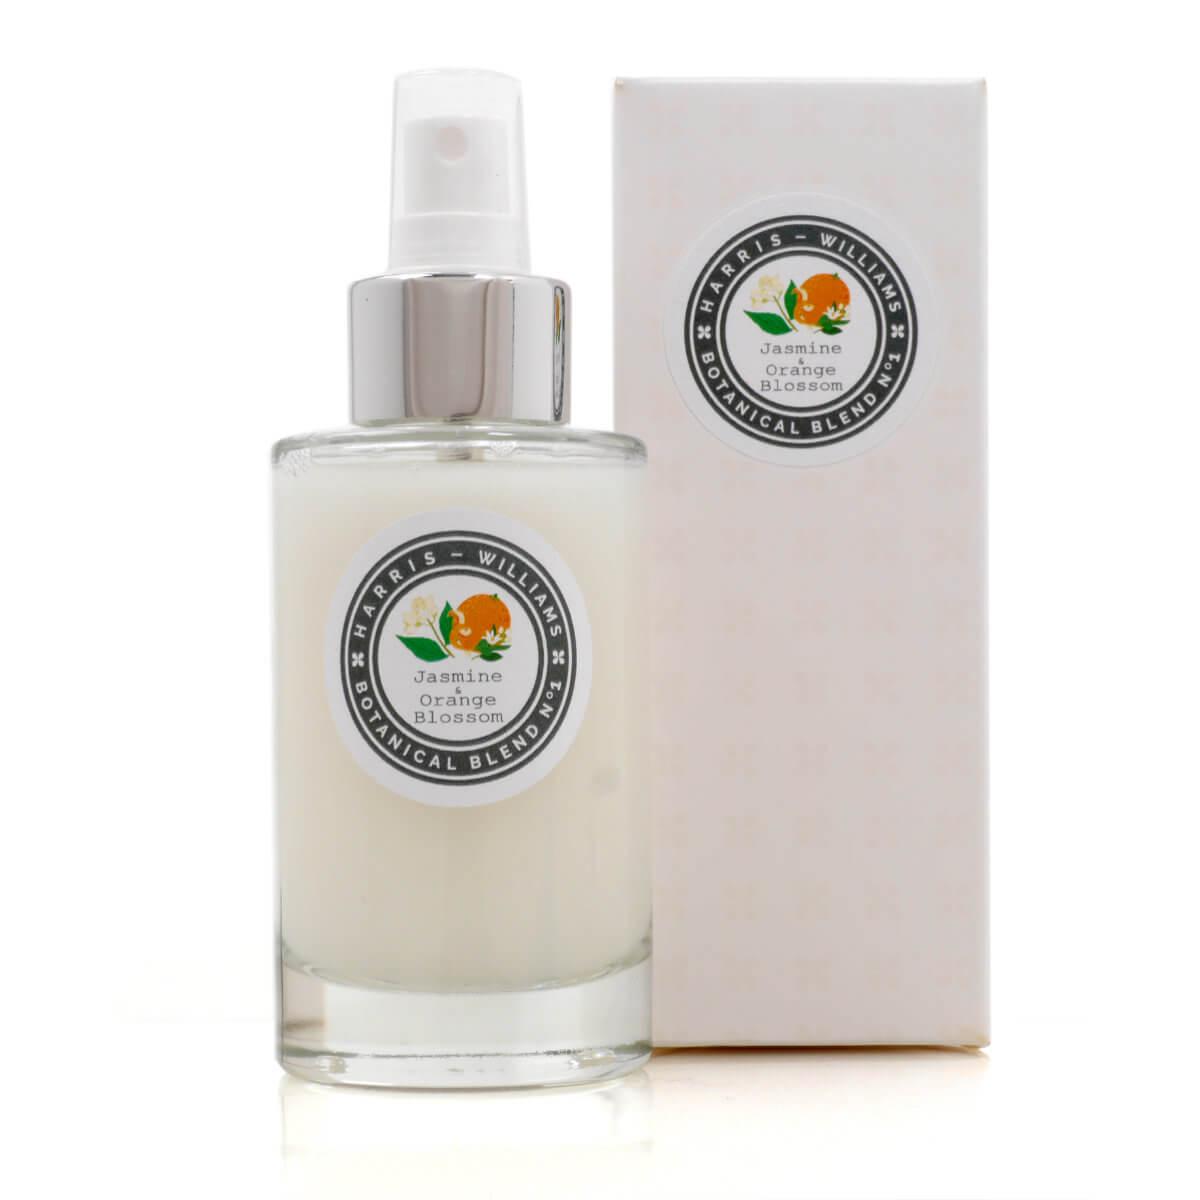 Botanical Blend No 1 Jasmine & Orange Blossom Room & Fabric Spray